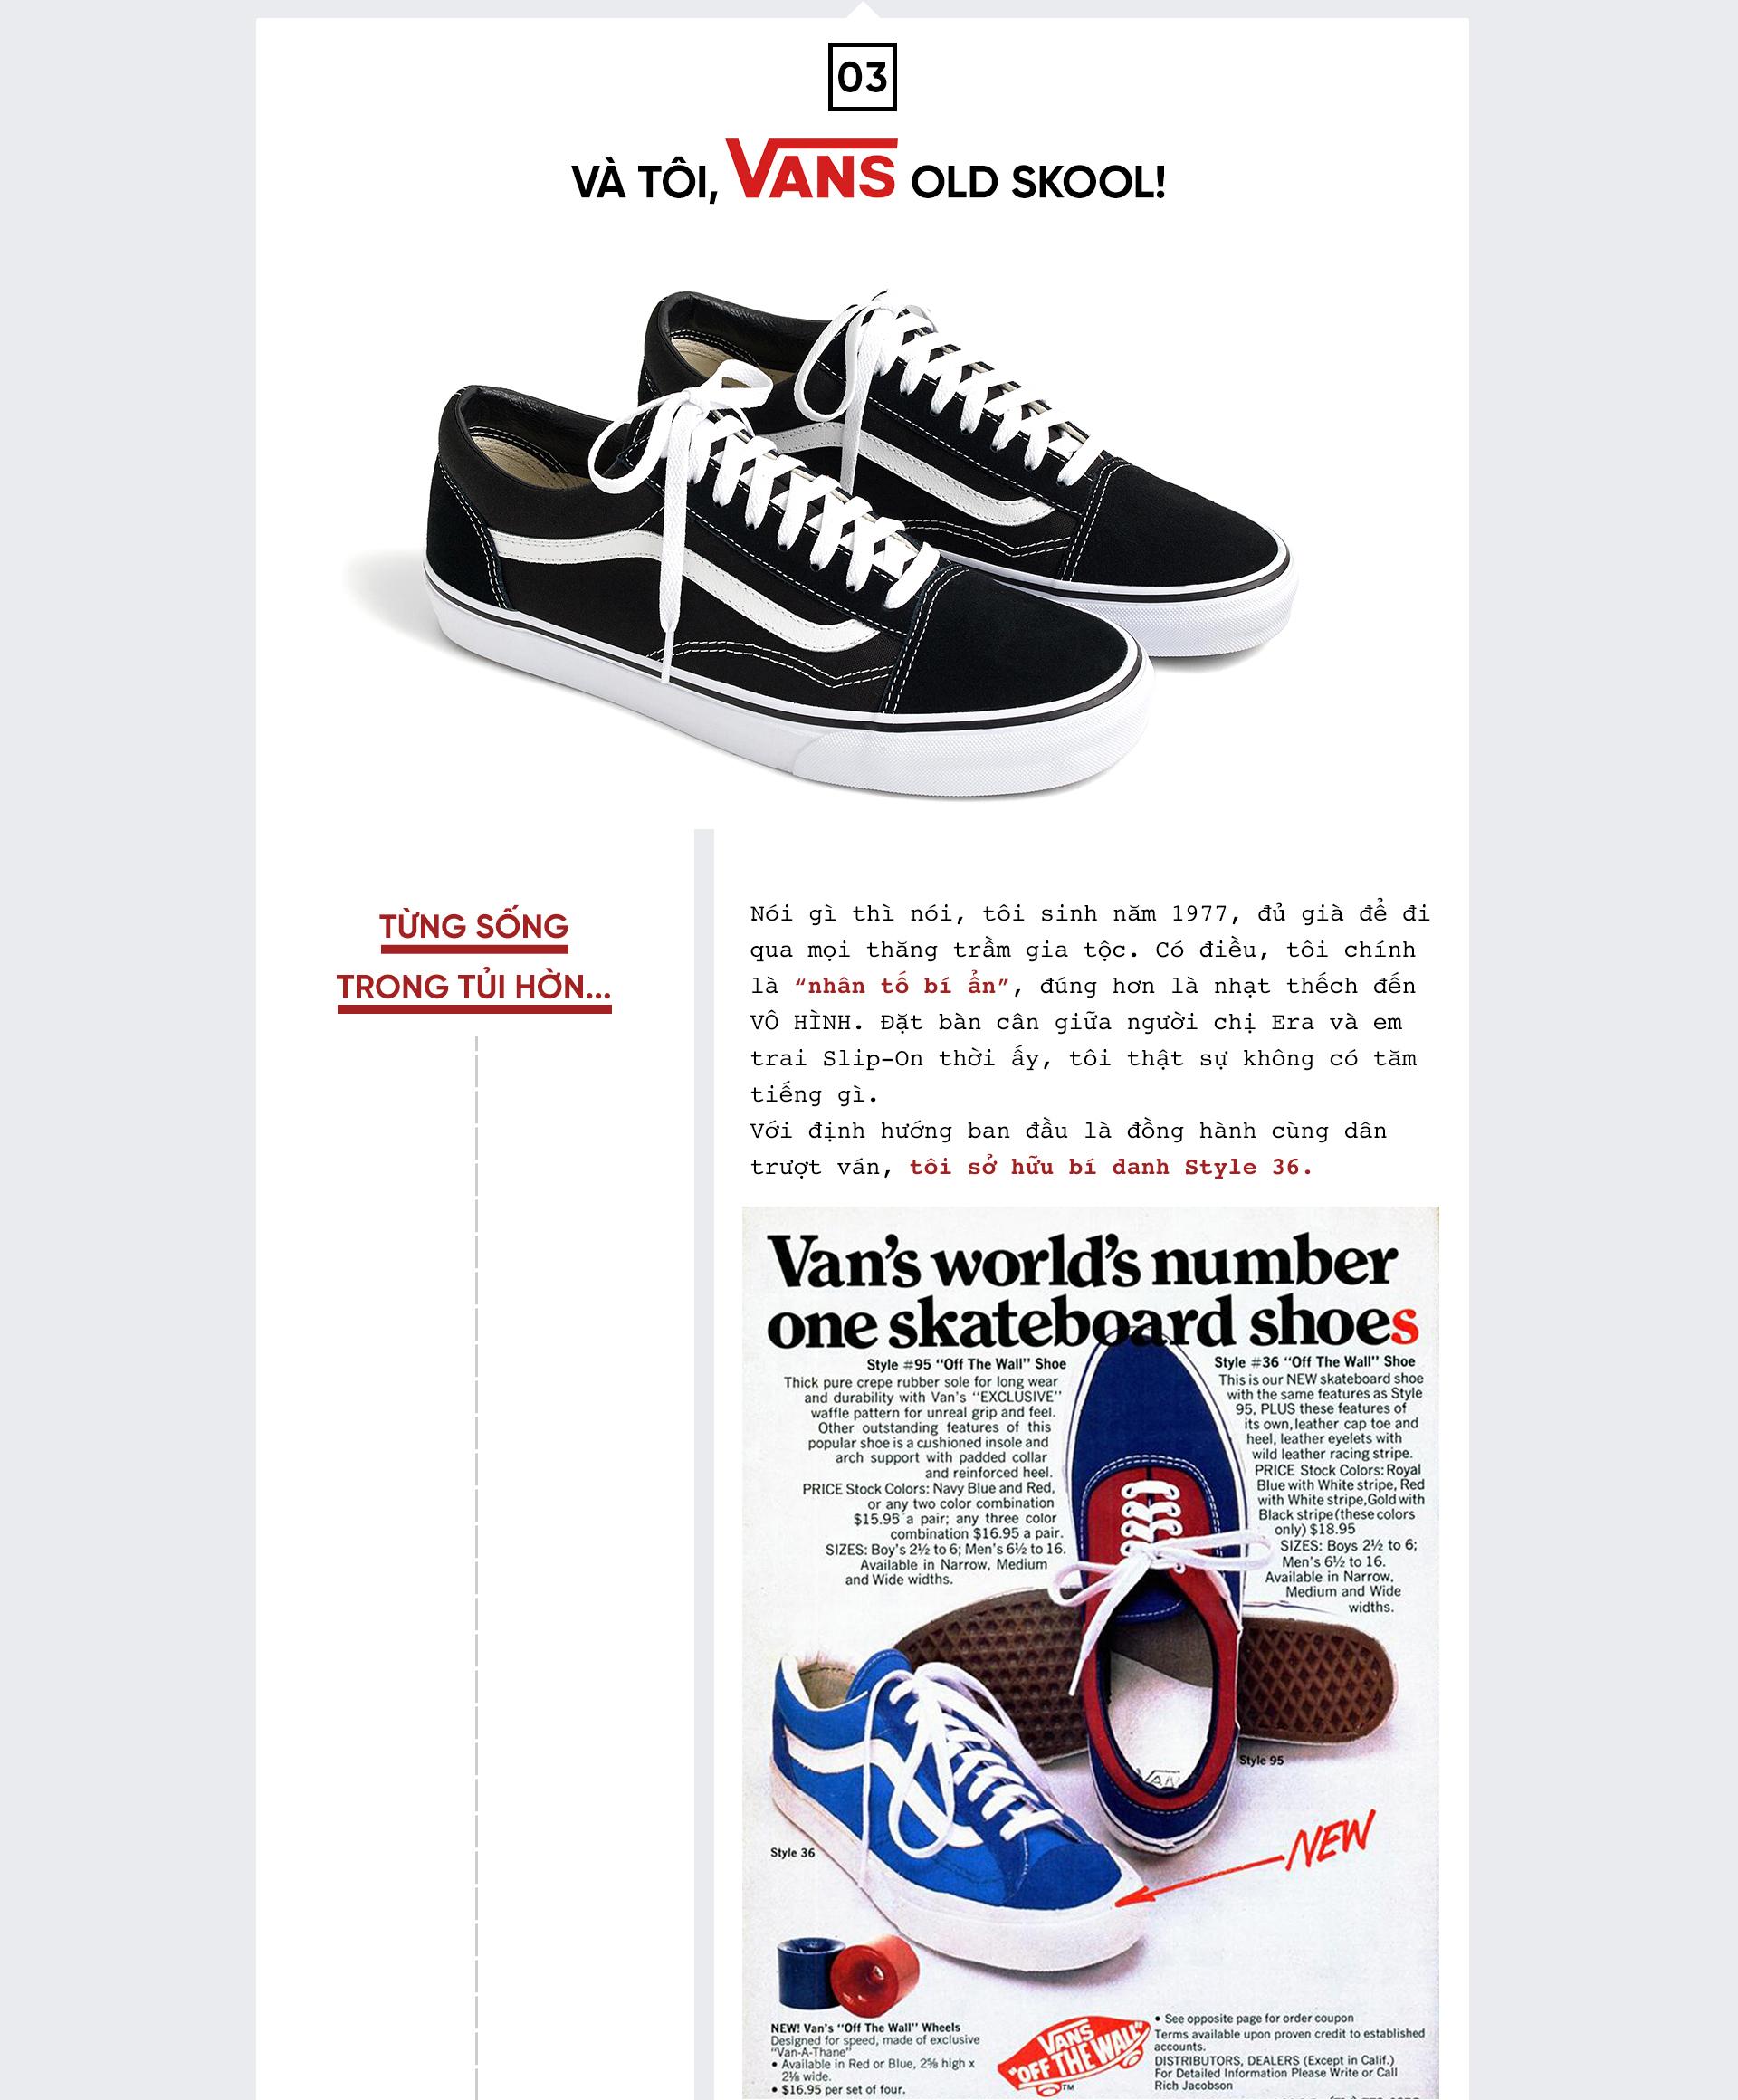 Vans Old Skool: 'Thu phục' tay chơi thế giới từ đắng cay của kẻ vô hình